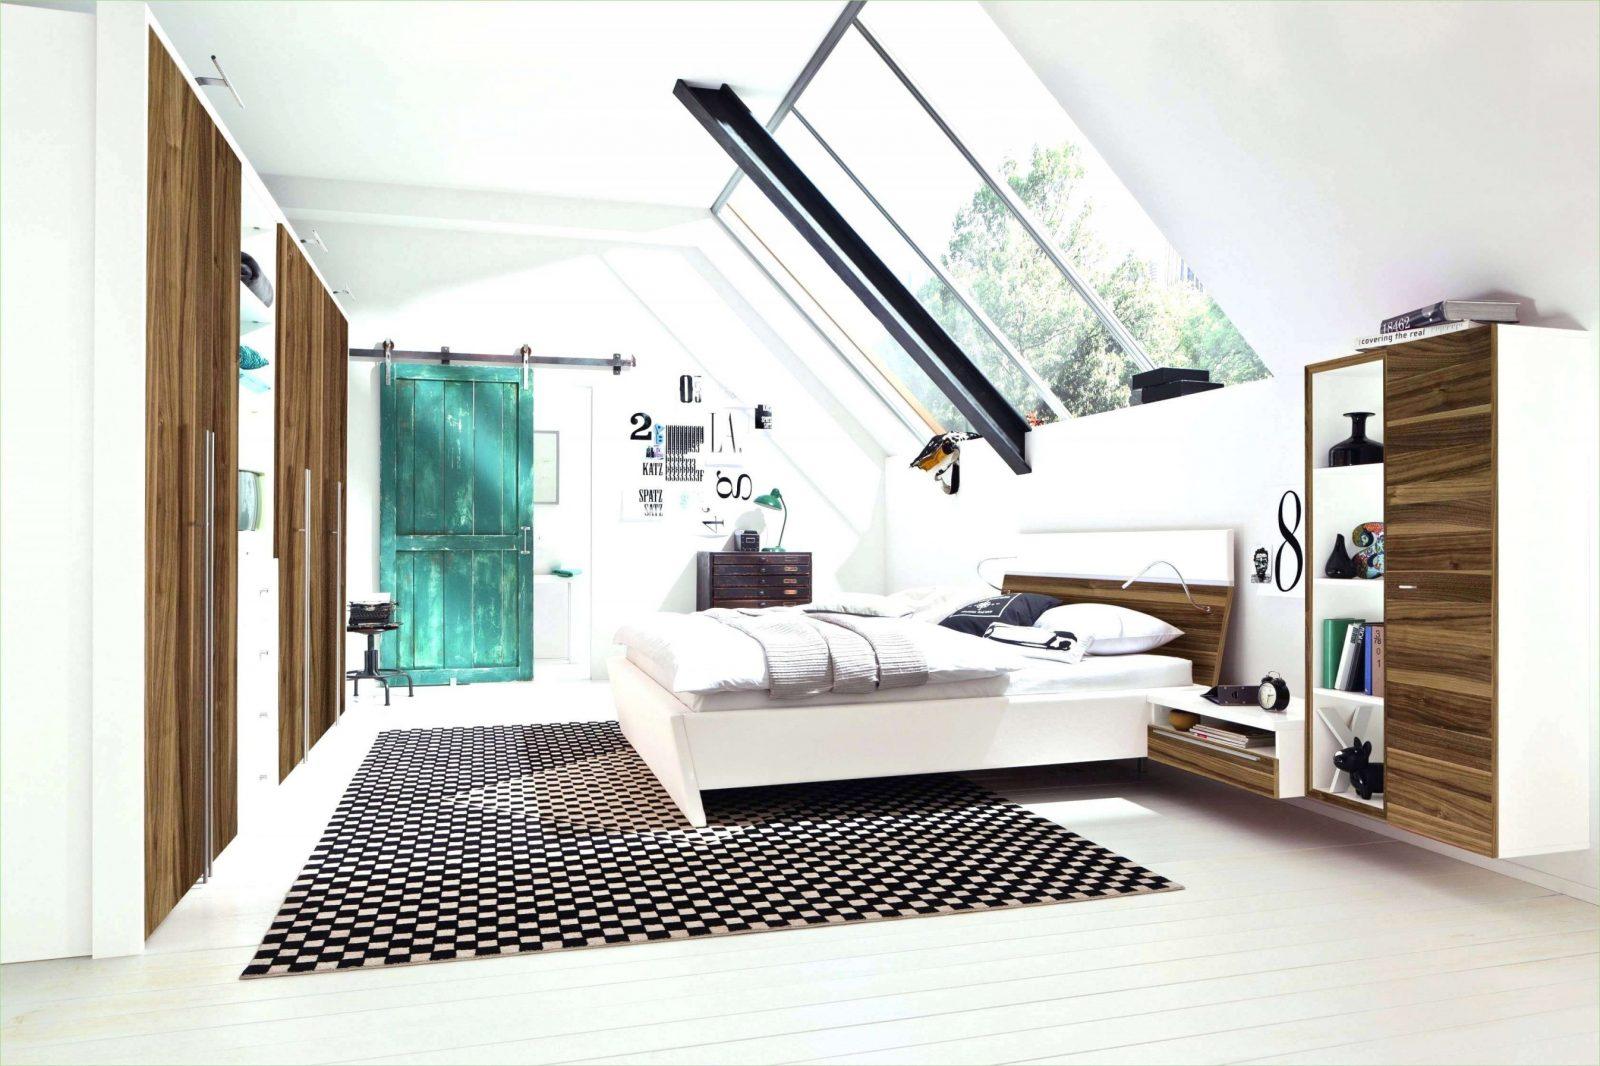 Deko Ideen Selber Machen Garten Elegant 37 Elegant Wohnzimmer Ideen von Wohnzimmer Deko Selber Machen Bild